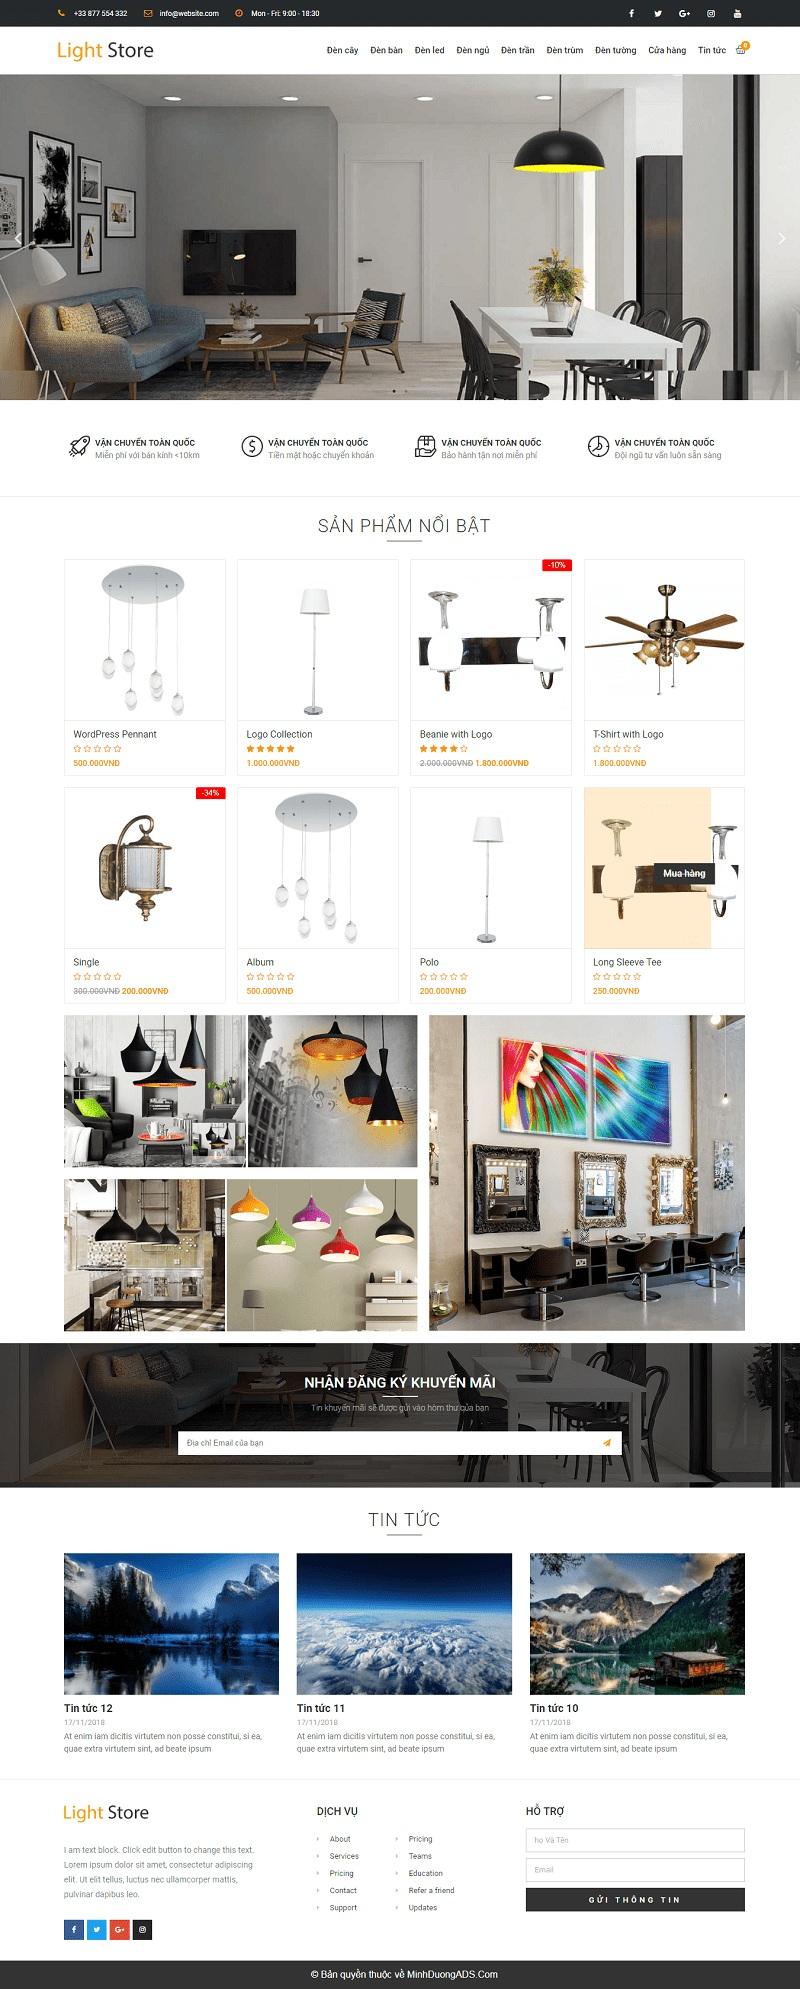 Thiết kế website bán đèn trang trí chuyên nghiệp chuẩn seo giá rẻ